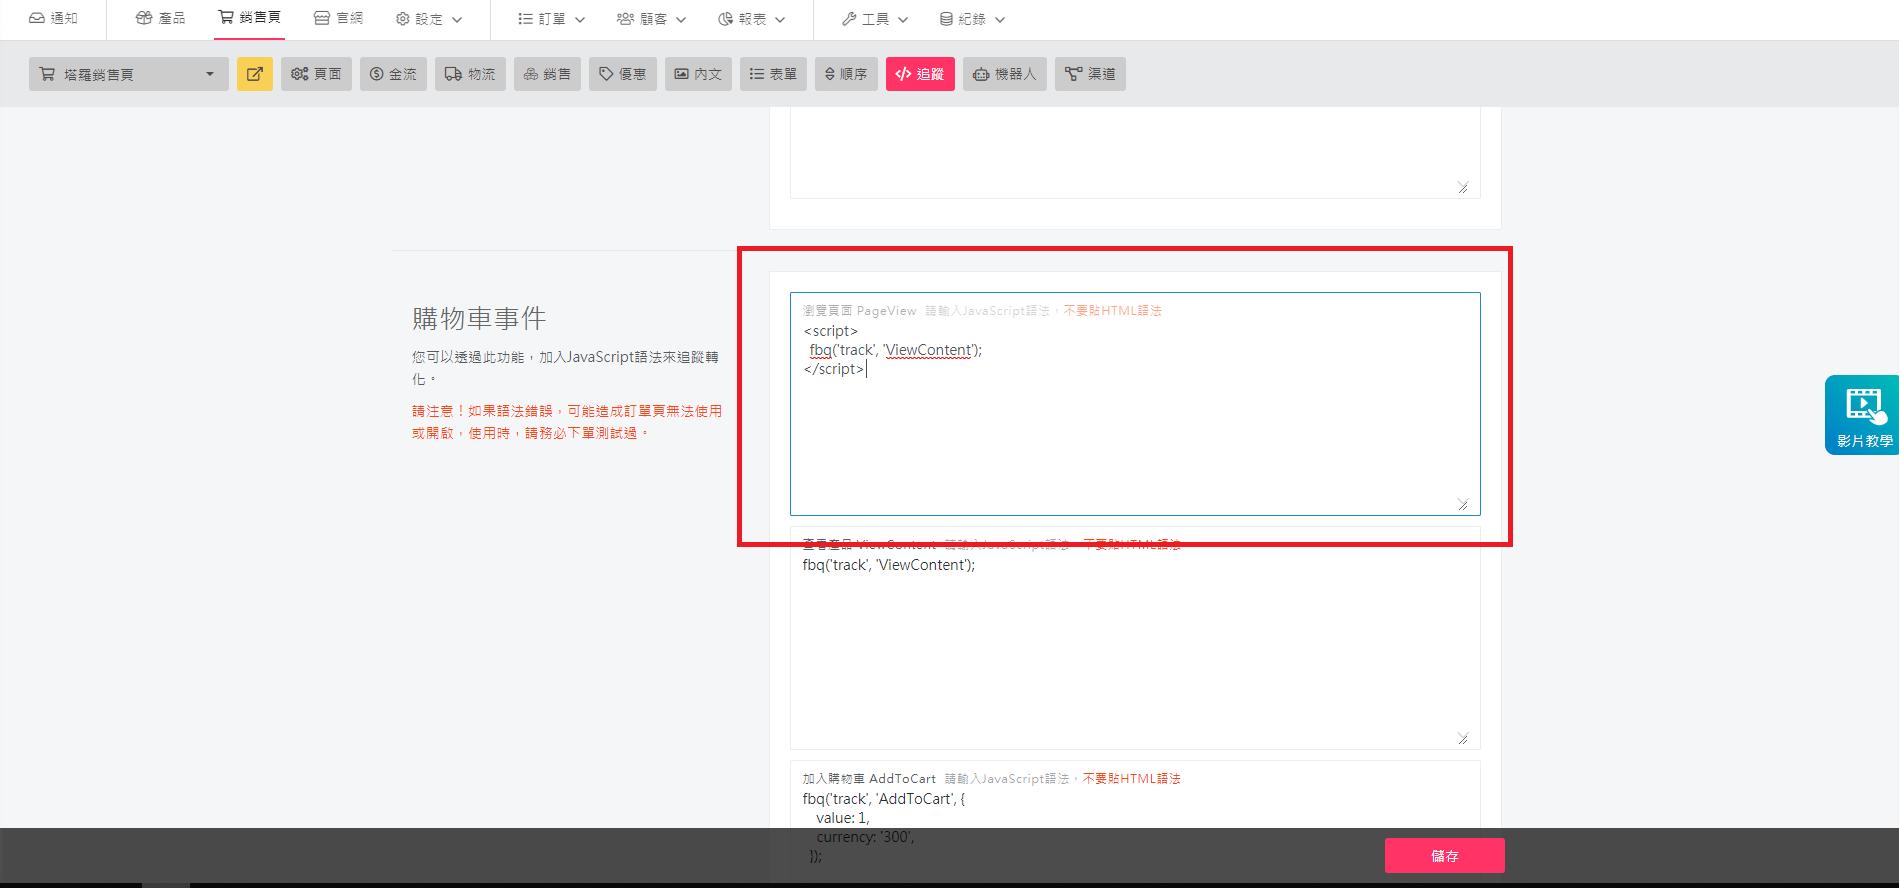 修改程式碼後網頁打不開 購物車追蹤事件